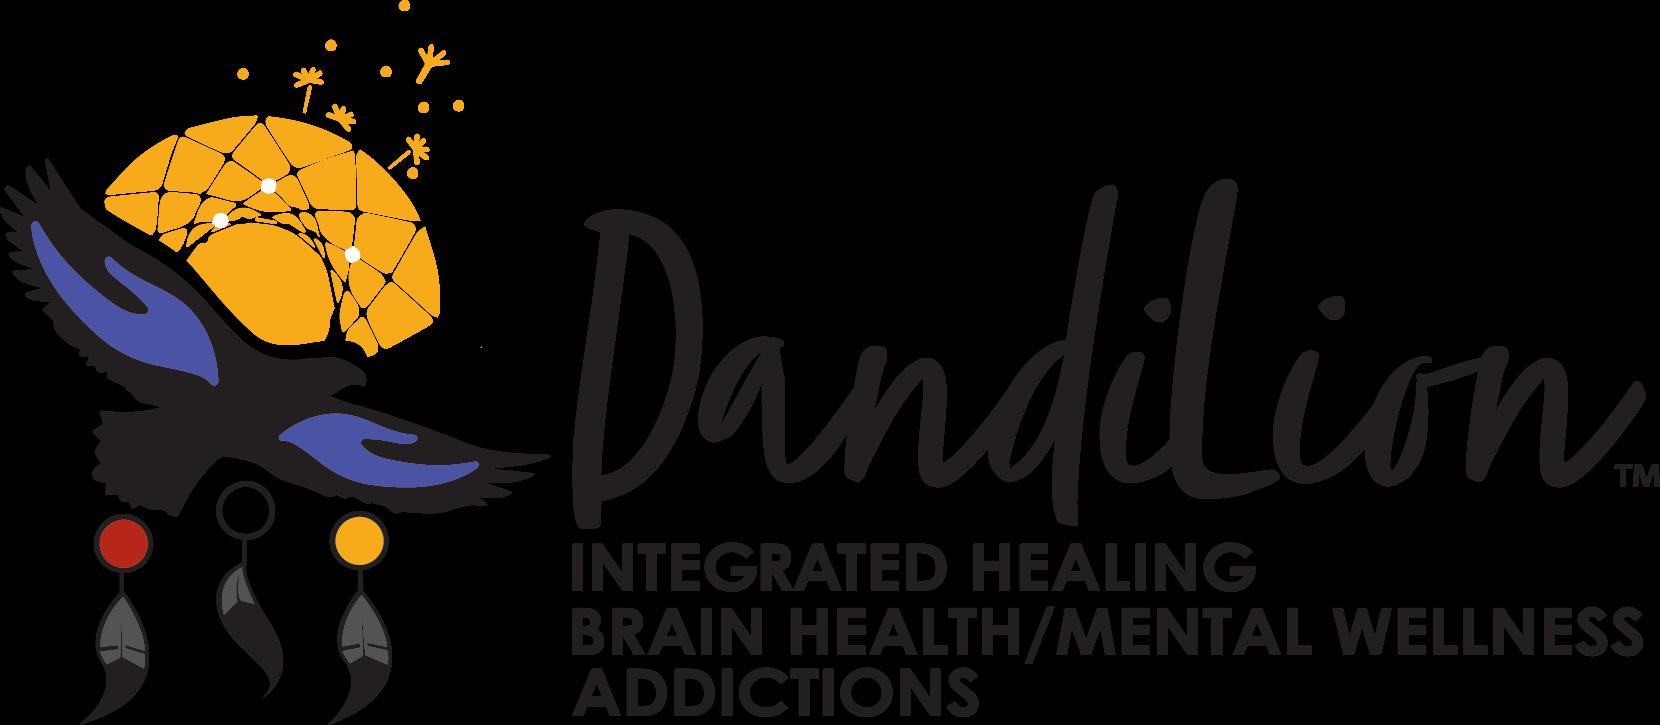 DandiLion™ Healing Centre